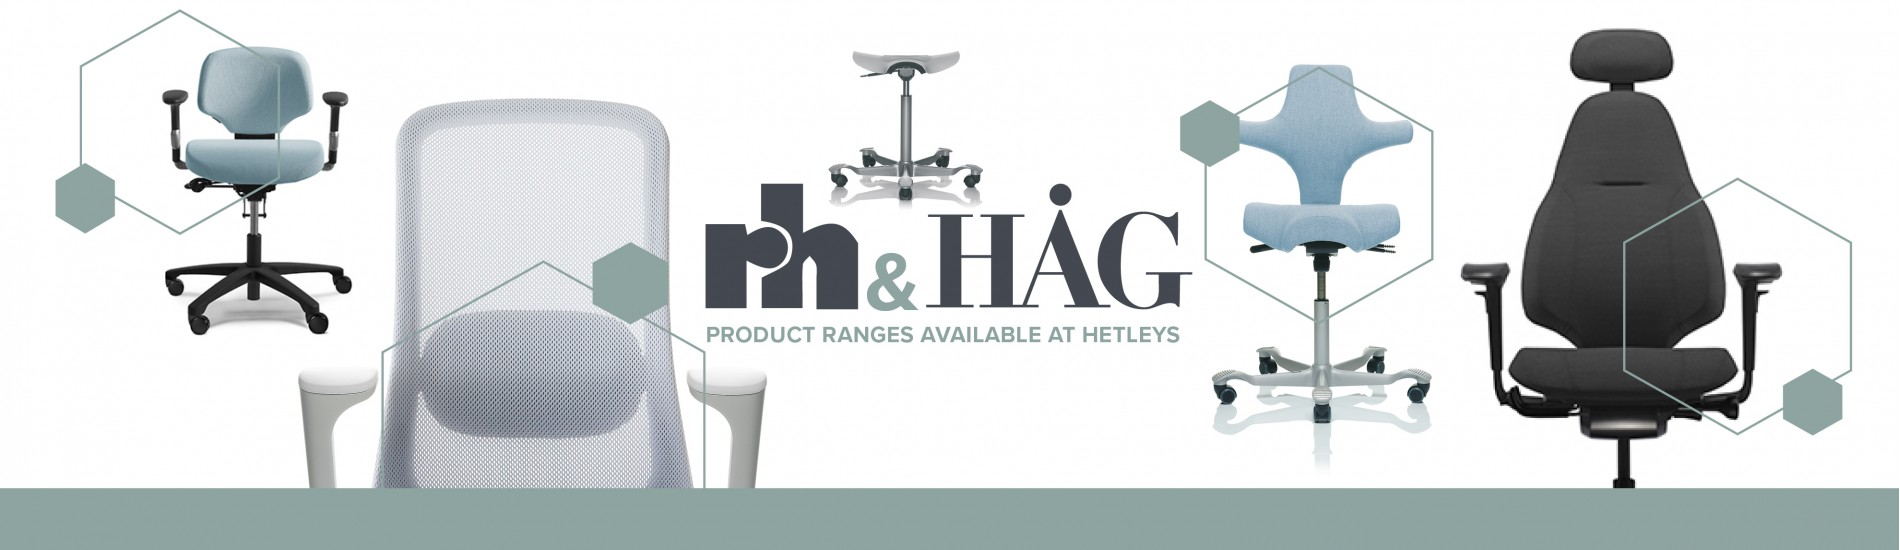 RH AND HAG